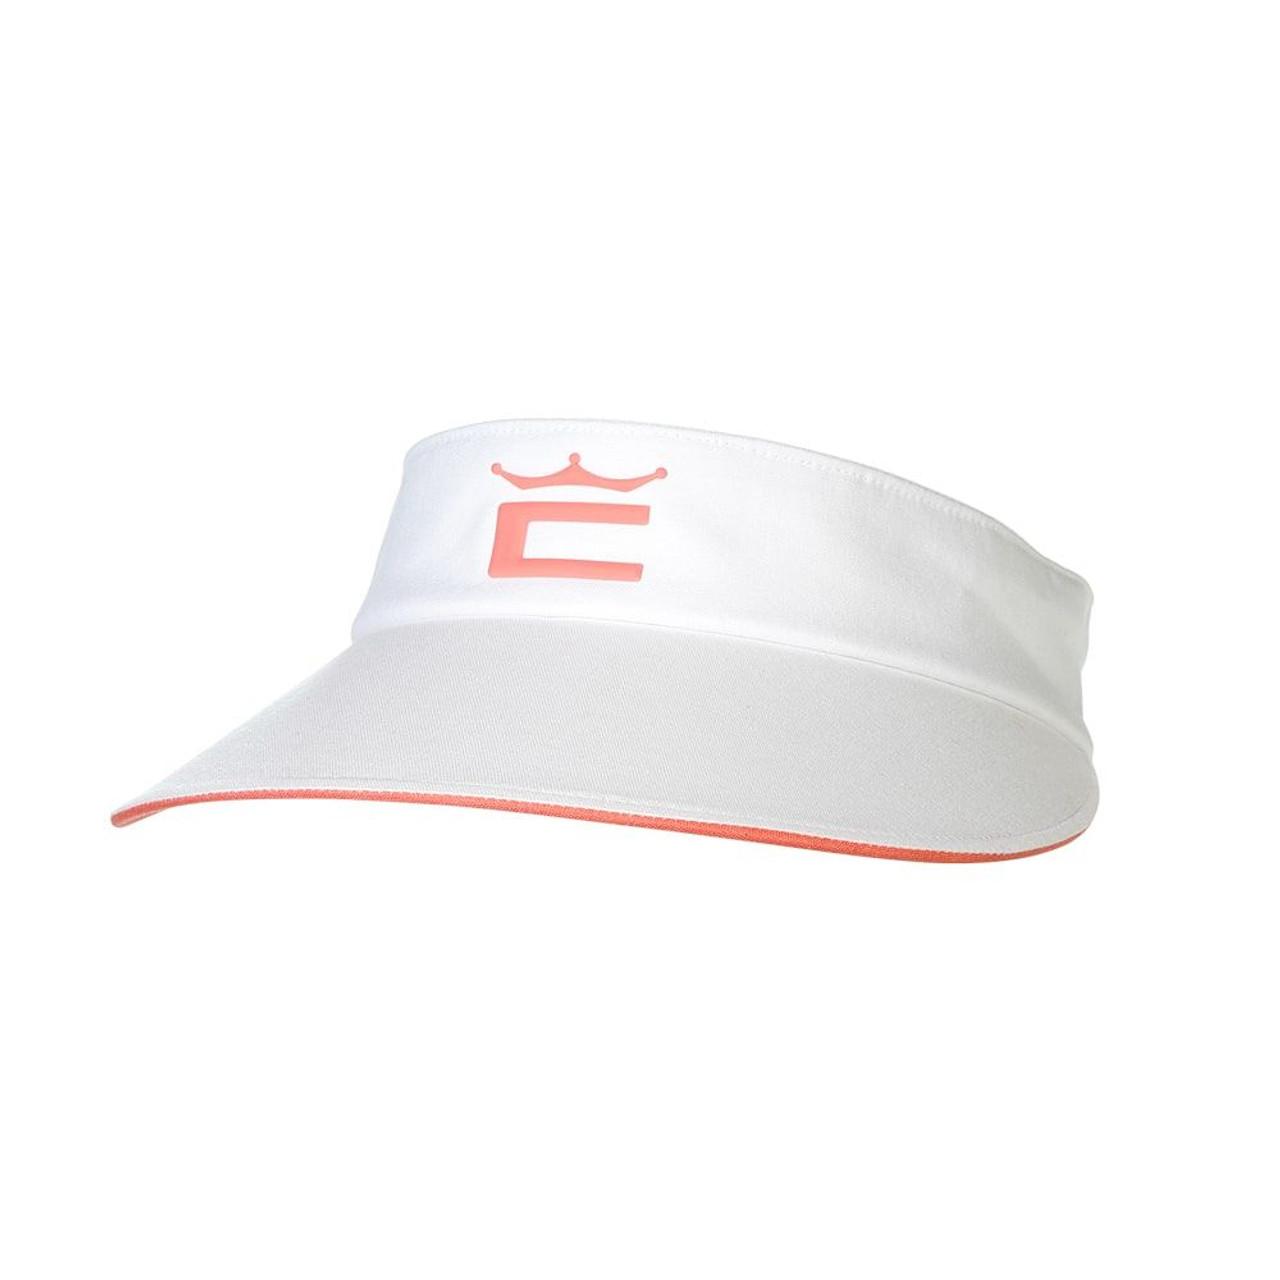 Cobra Women Crown Adjustable Visor - Bright White